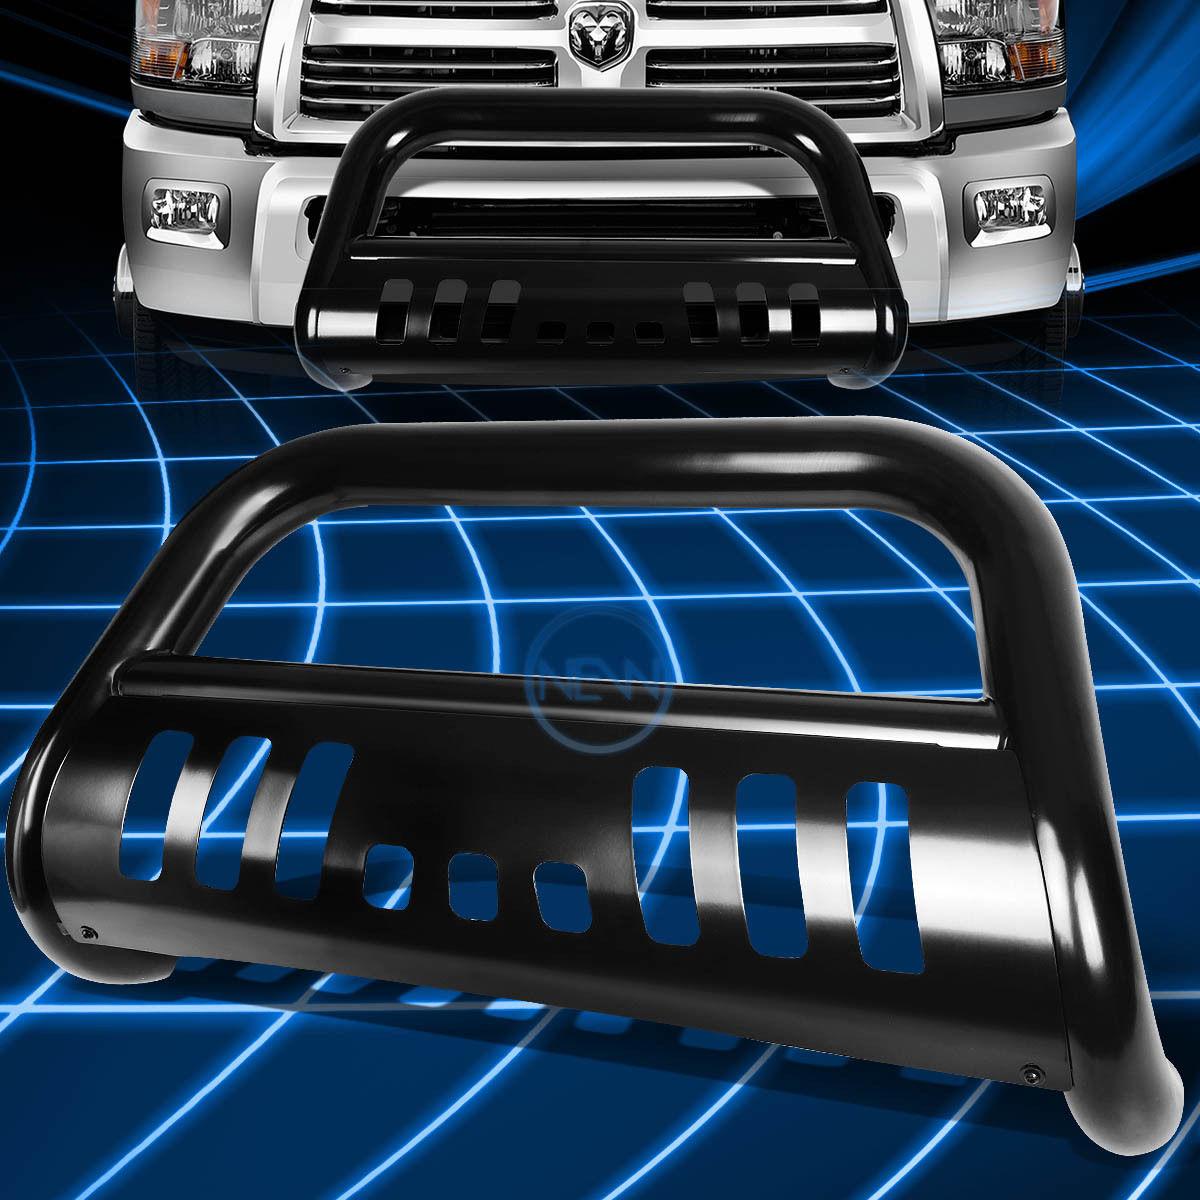 グリル ブラックSSフロントバンパーブルバーグリルガード(2010-2016年)Dodge Ram 2500/3500 Black SS Front Bumper Bull Bar Grille Guard for 2010-2016 Dodge Ram 2500/3500